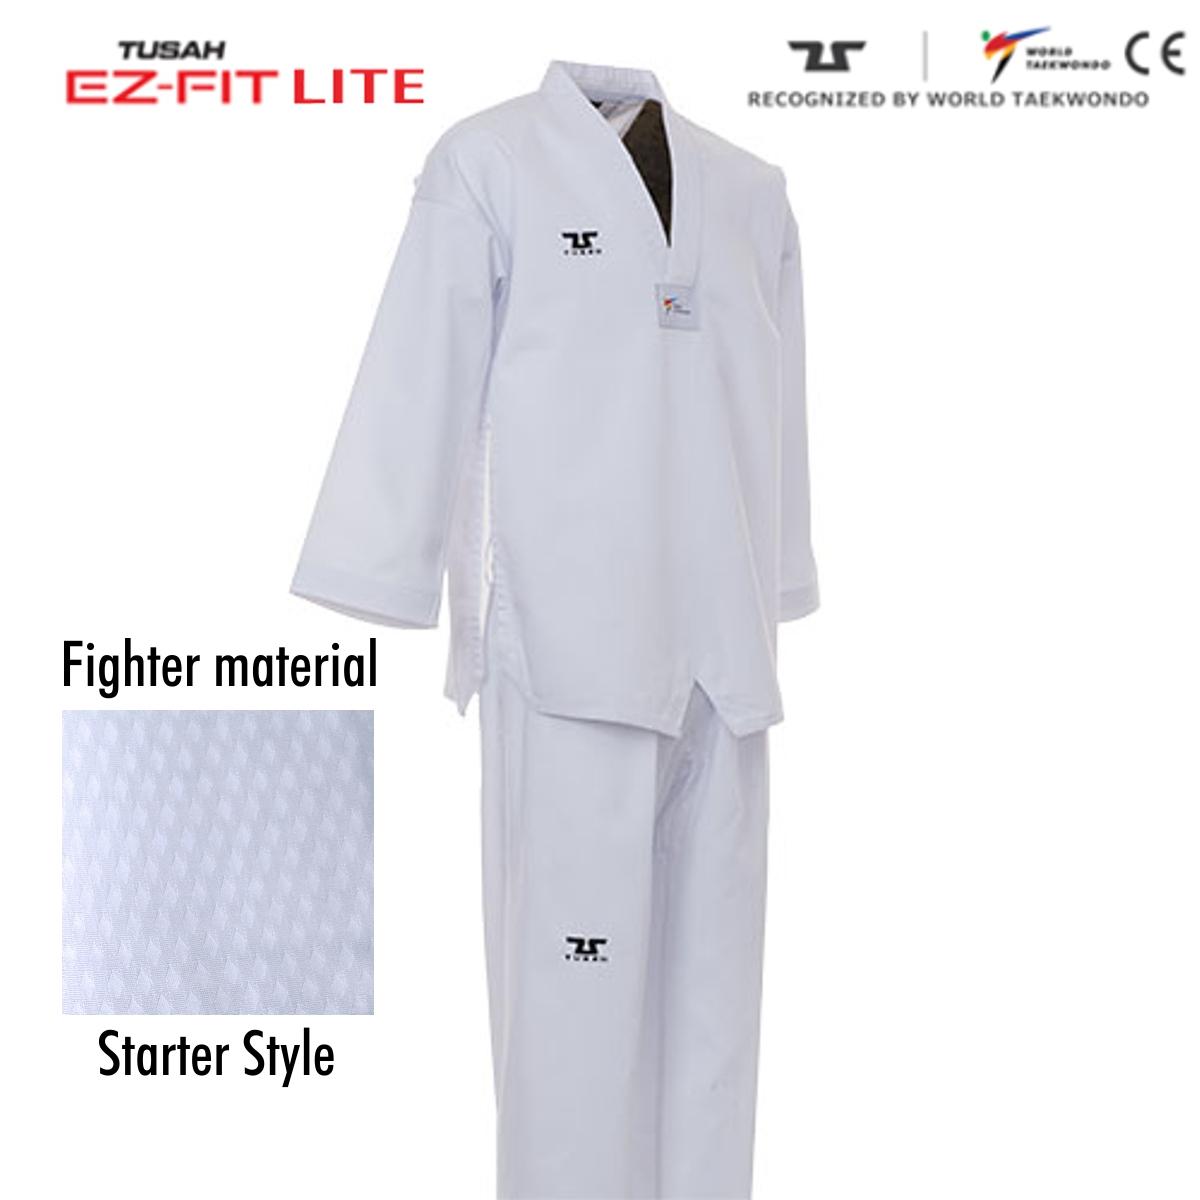 Ez-Fit Lite Fighter Uniform White Collar